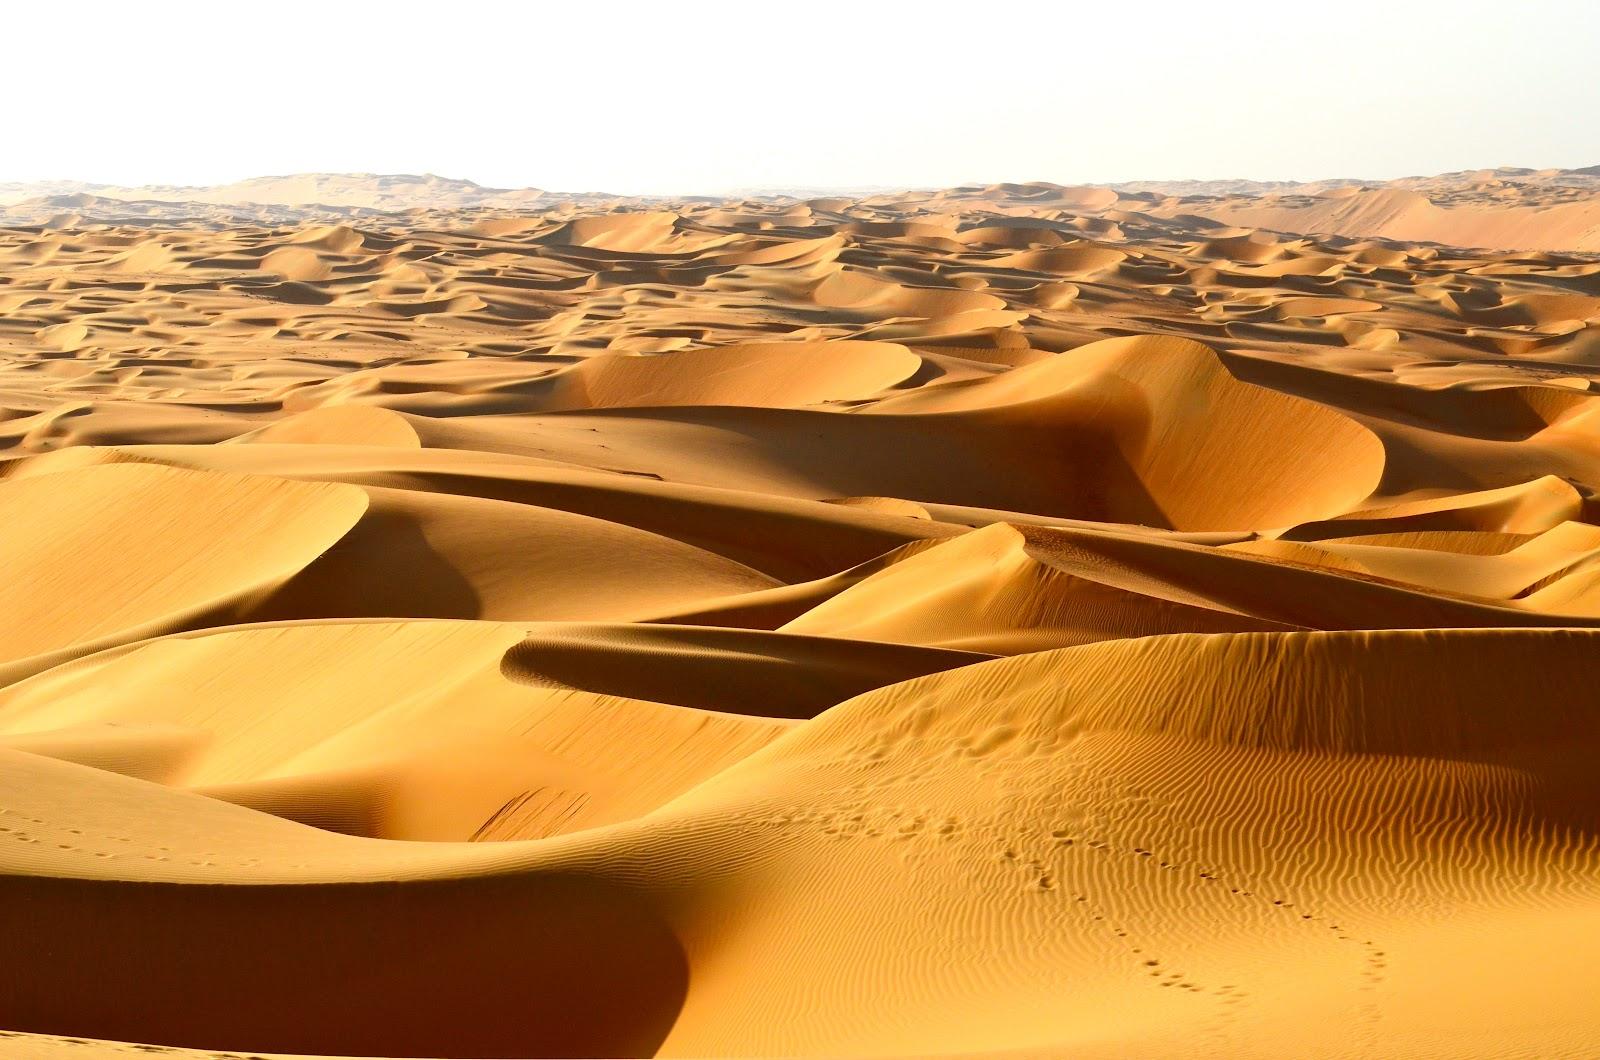 image Arab egypt hot desert rose aka prostitute